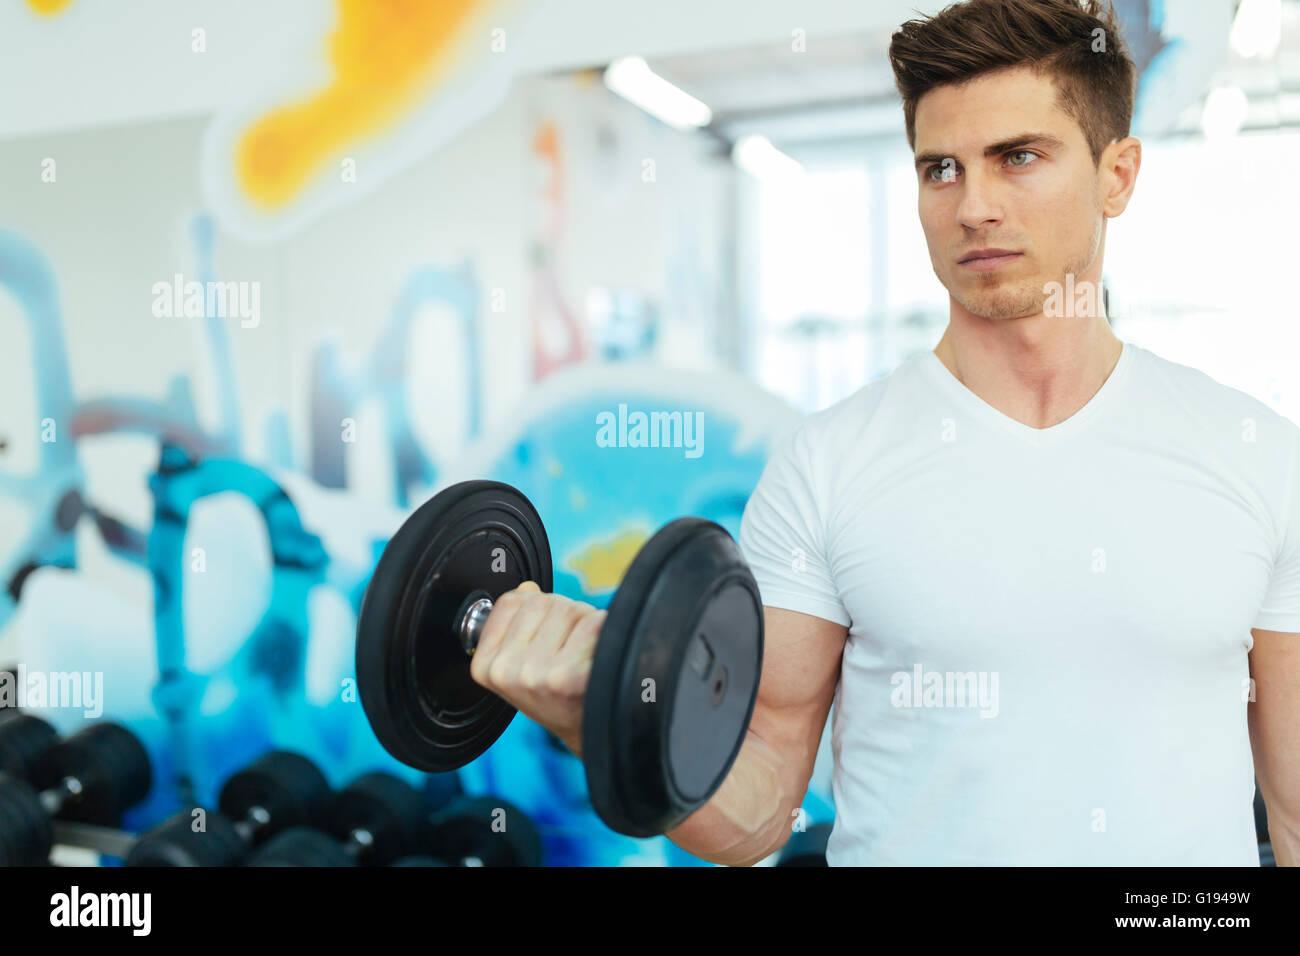 Gut aussehender Mann im Fitnessstudio Gewichte zu heben und bleiben fit Stockbild